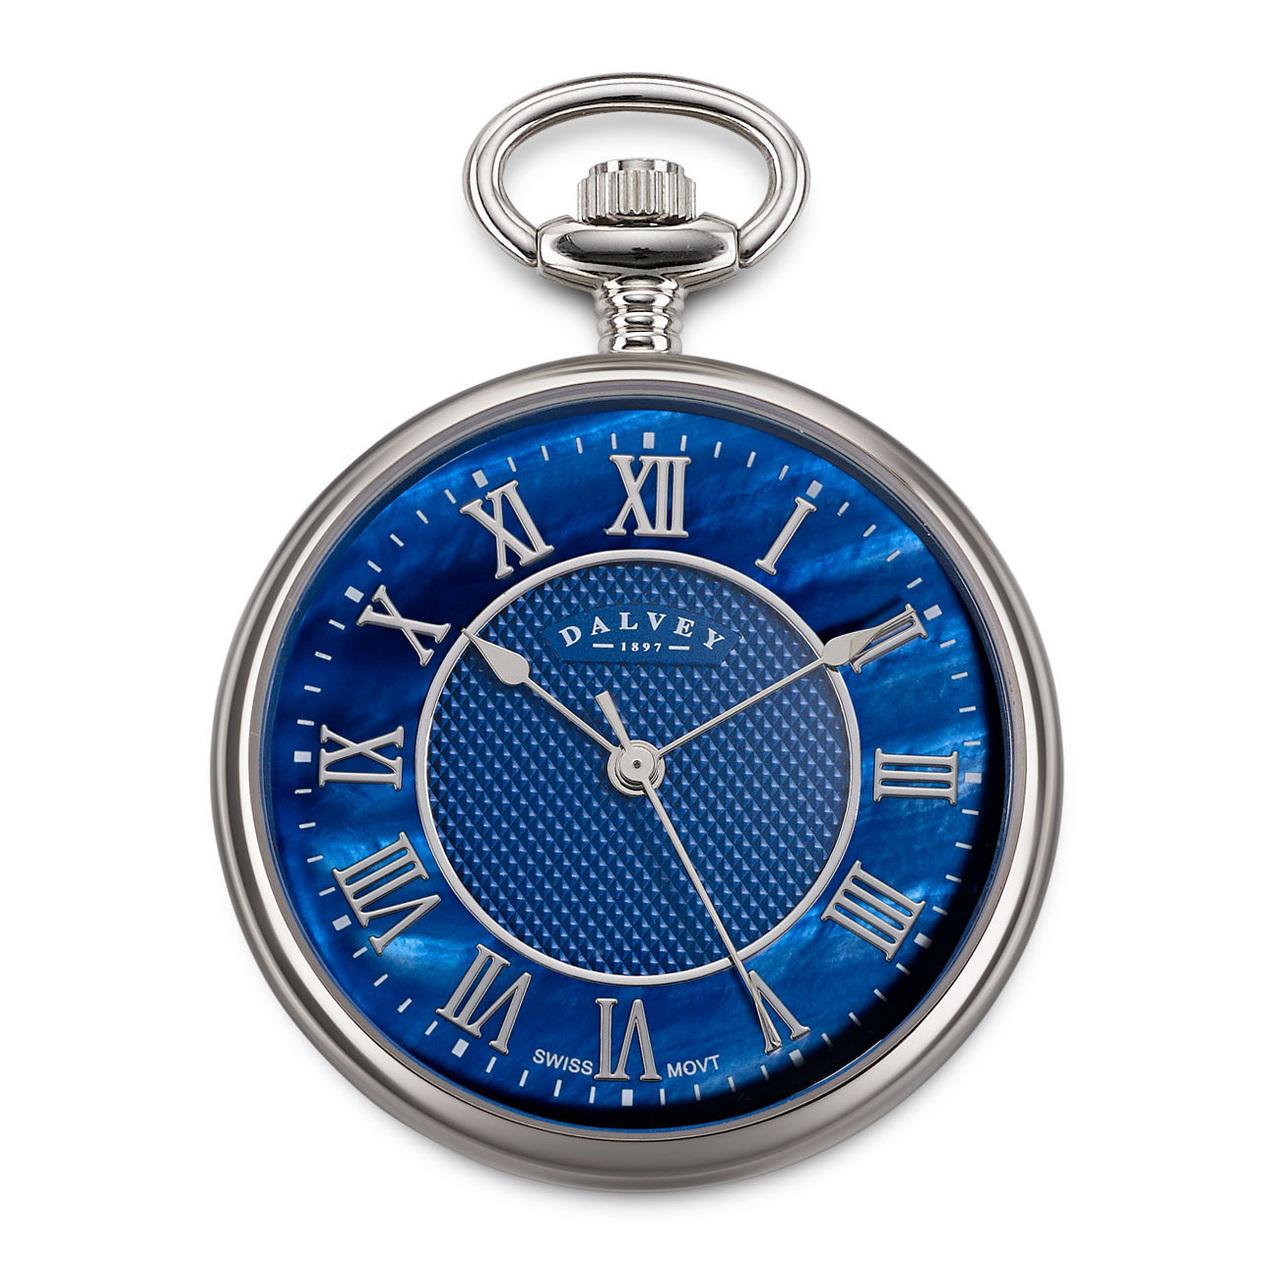 Dalvey 3306 orologio da taschino - Dalvey orologio da tavolo ...